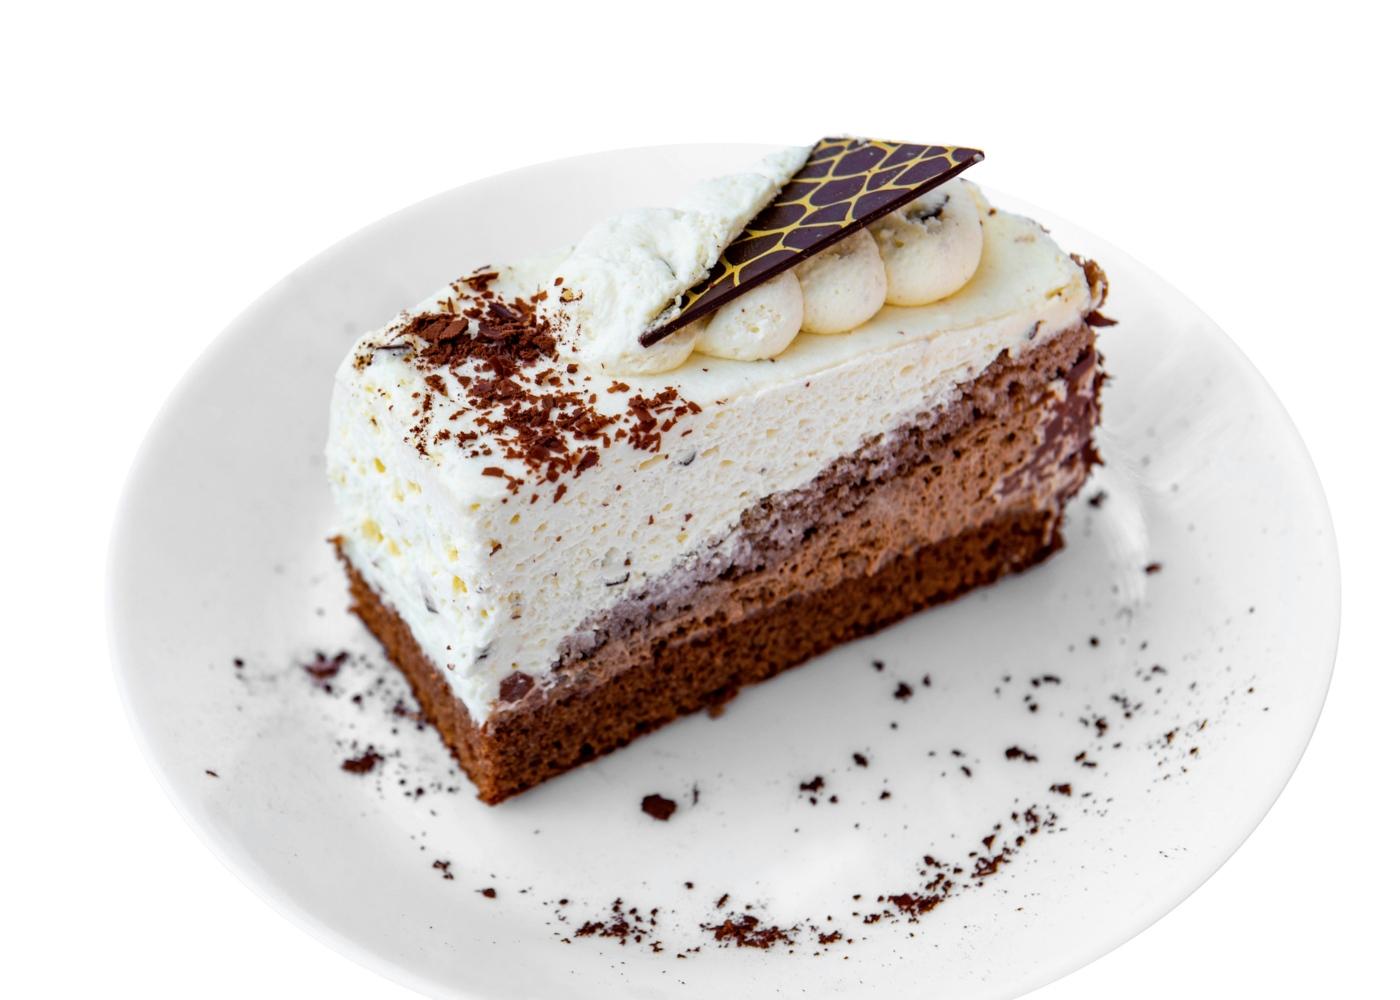 Bolo de mousse de chocolate decorado com natas